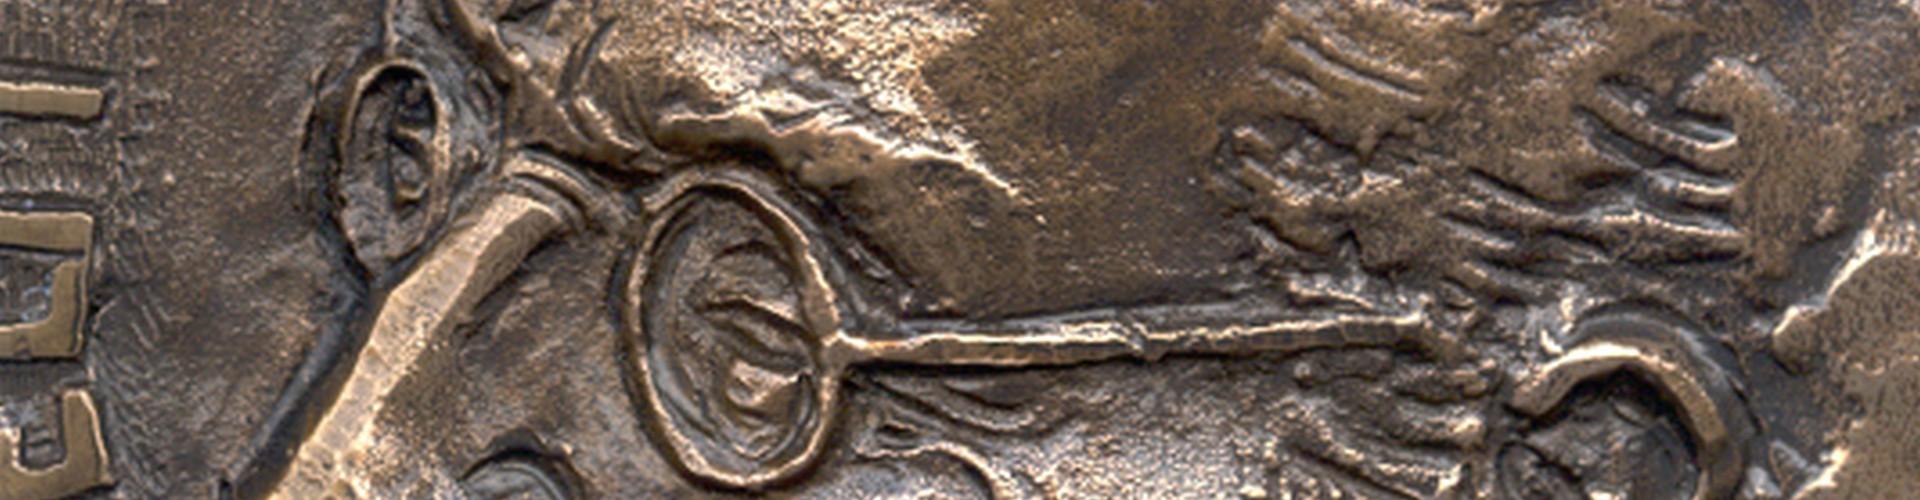 vilhelm_bjerknes_medal_large.jpg